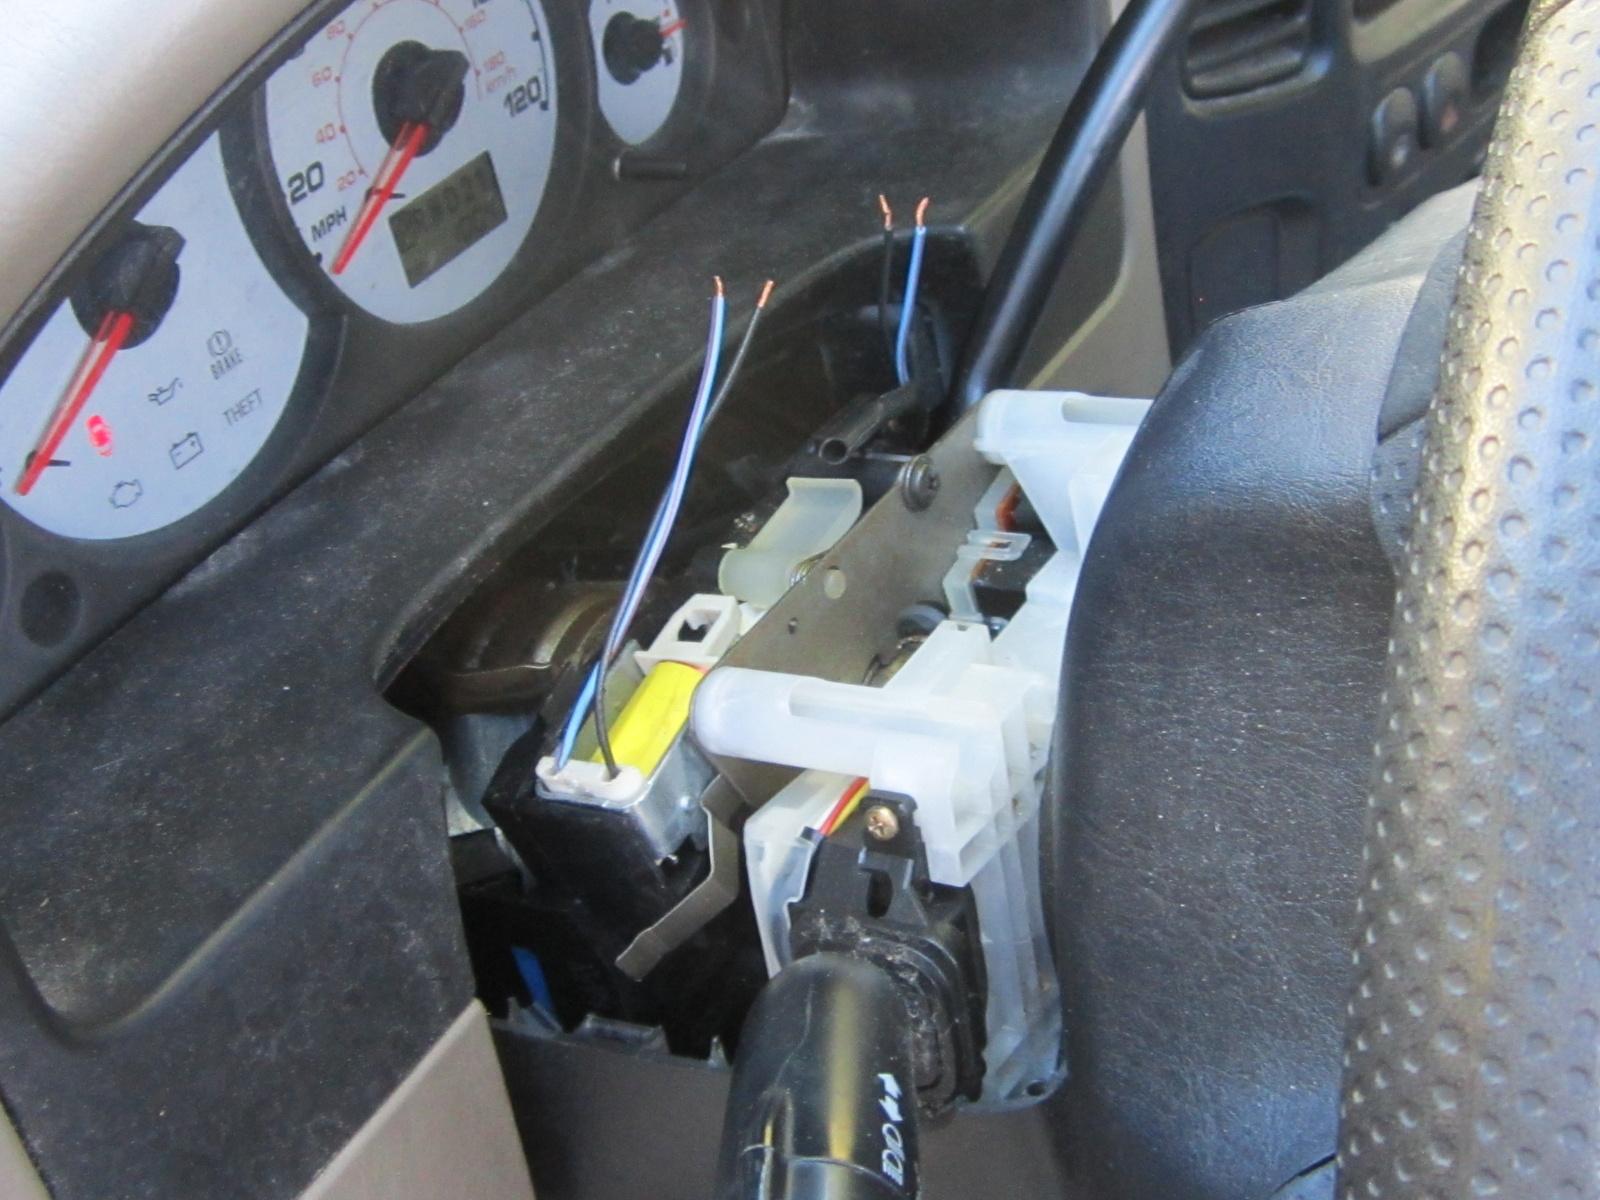 2002 f150 xlt radio wiring diagram wein bridge oscillator circuit ford escape questions - how do i fix a damaged hazard switch? cargurus